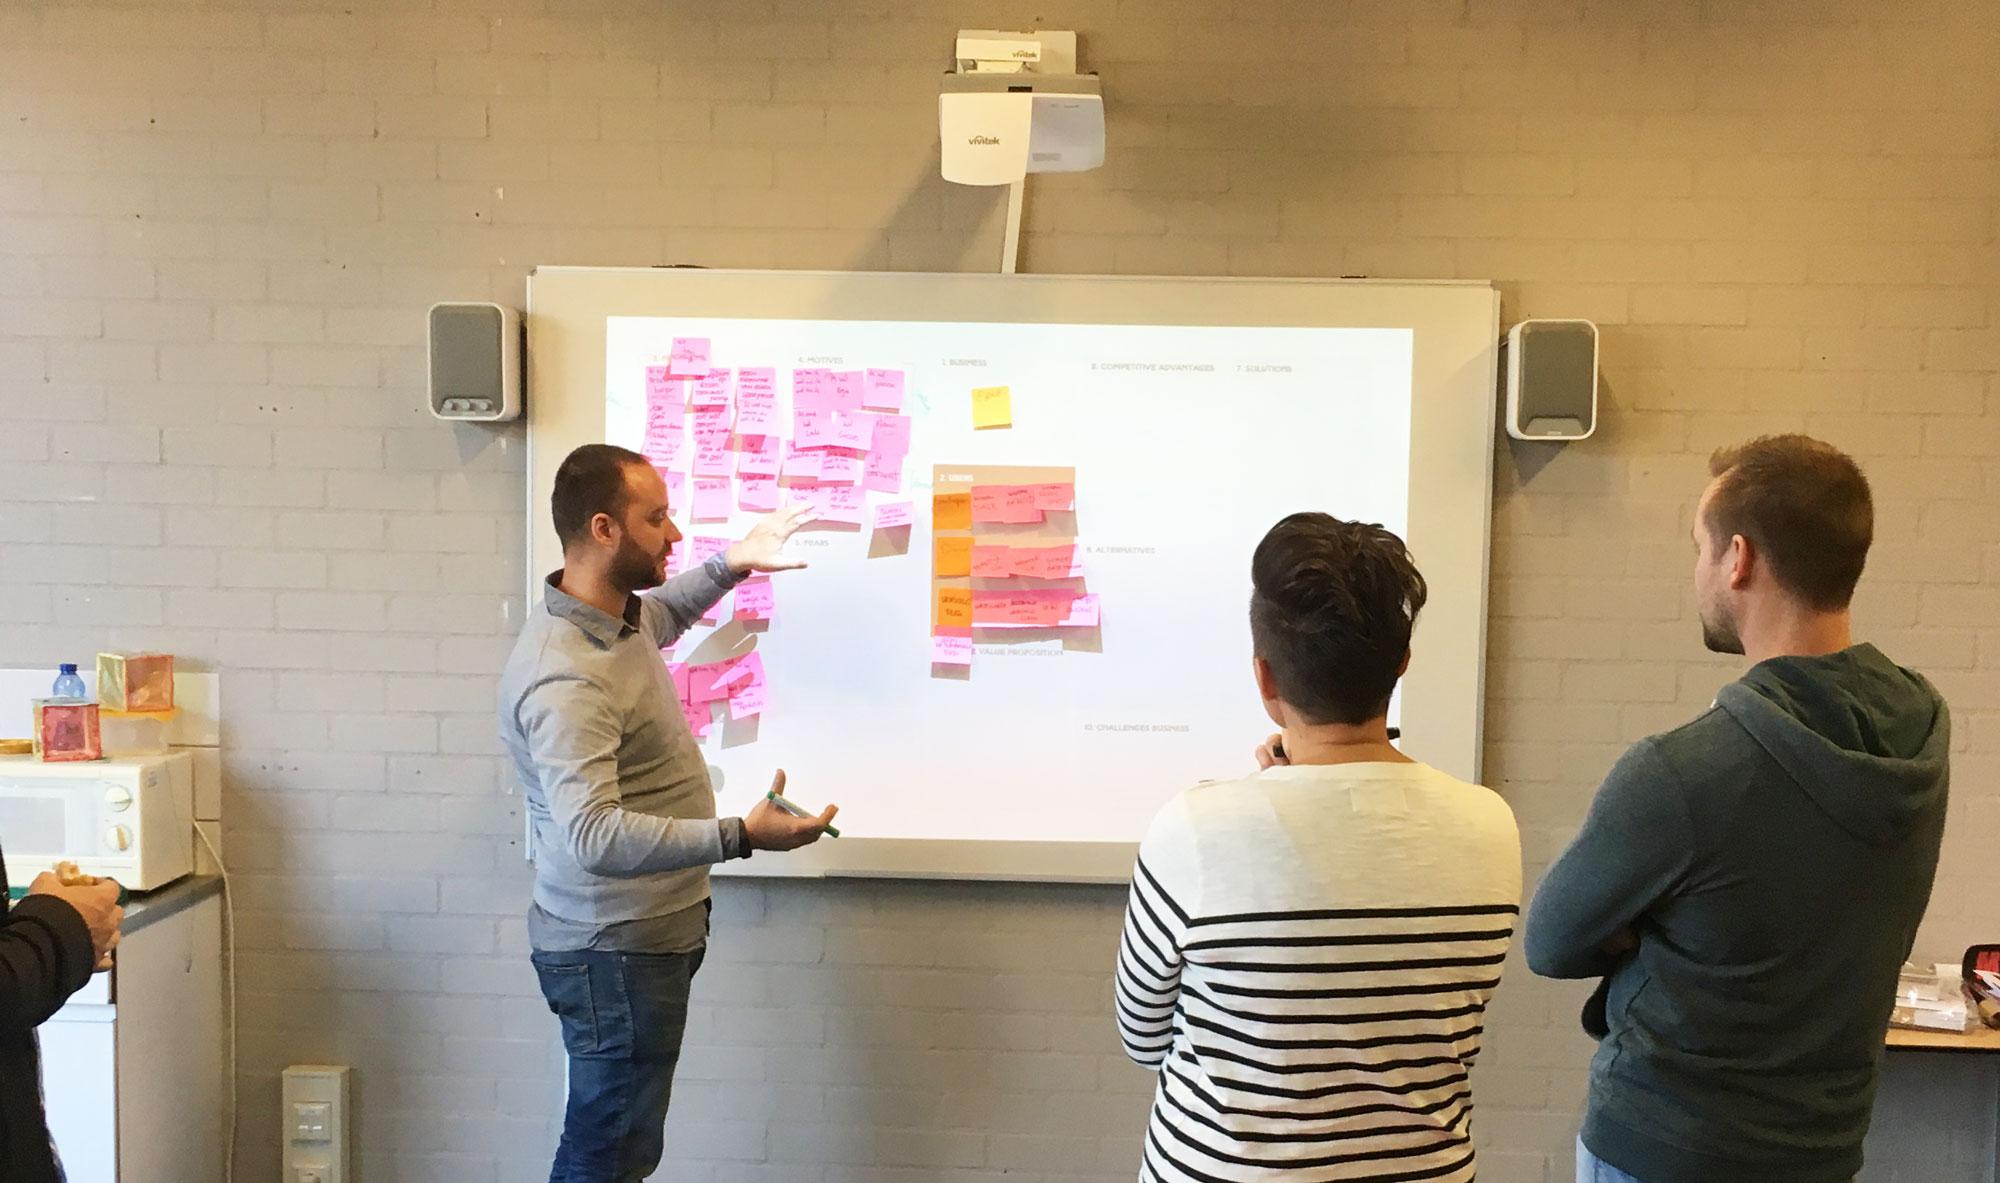 Designers bespreken schetsen bij whiteboard